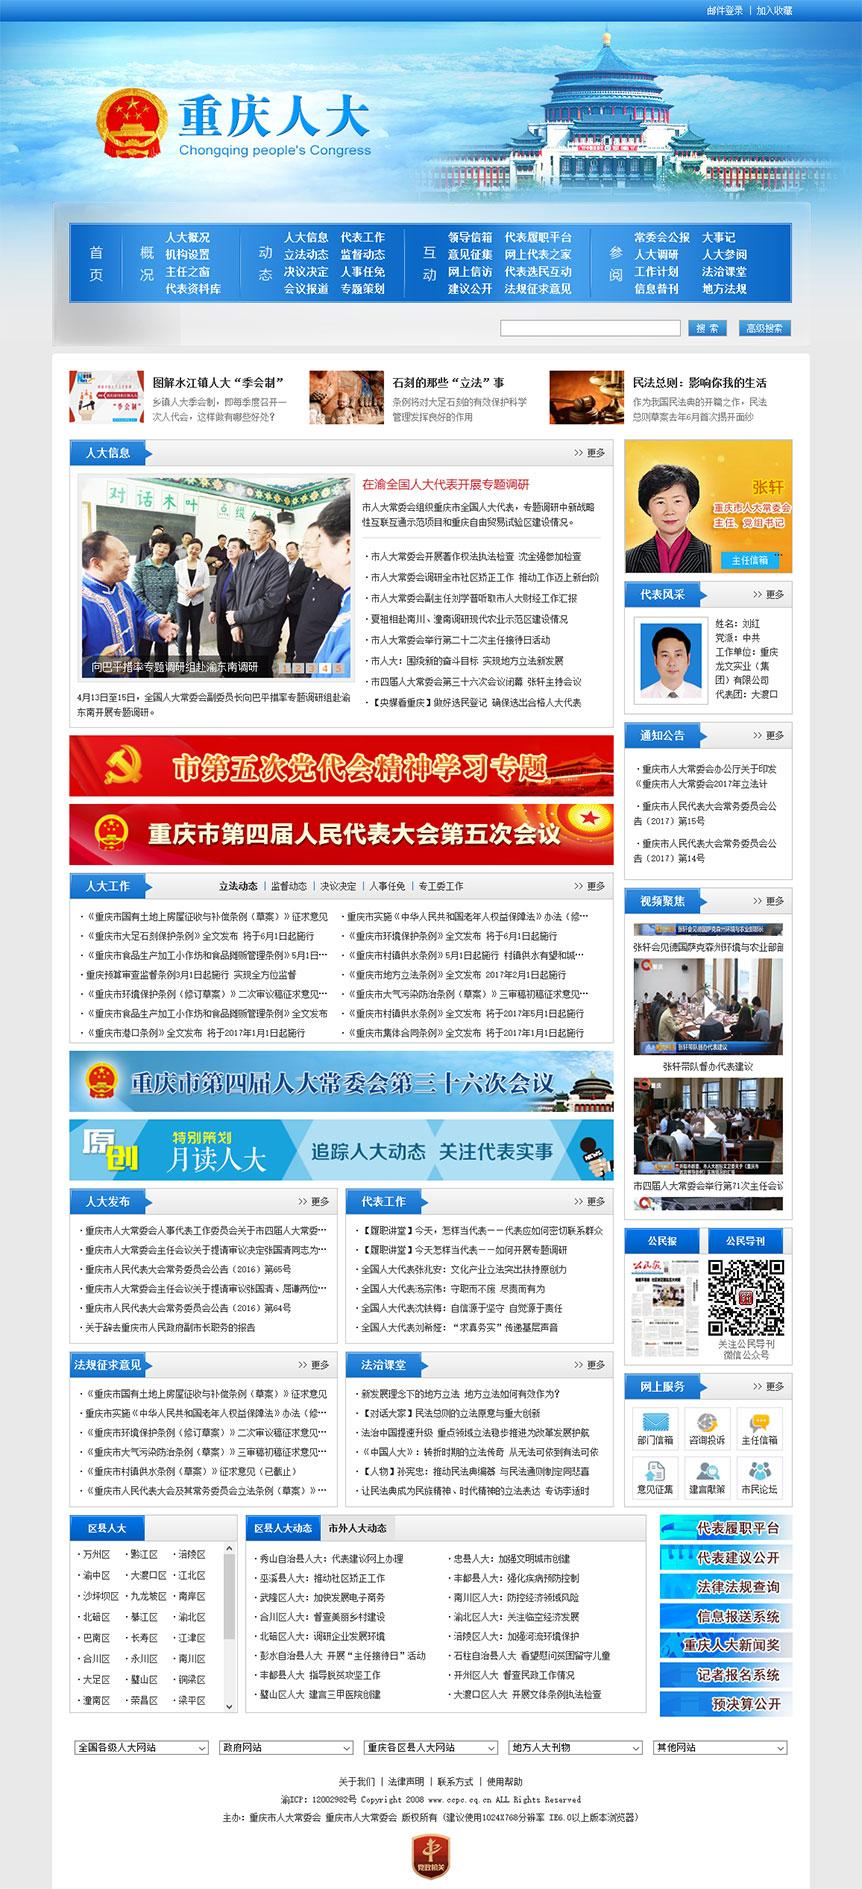 重庆人大网网站截图